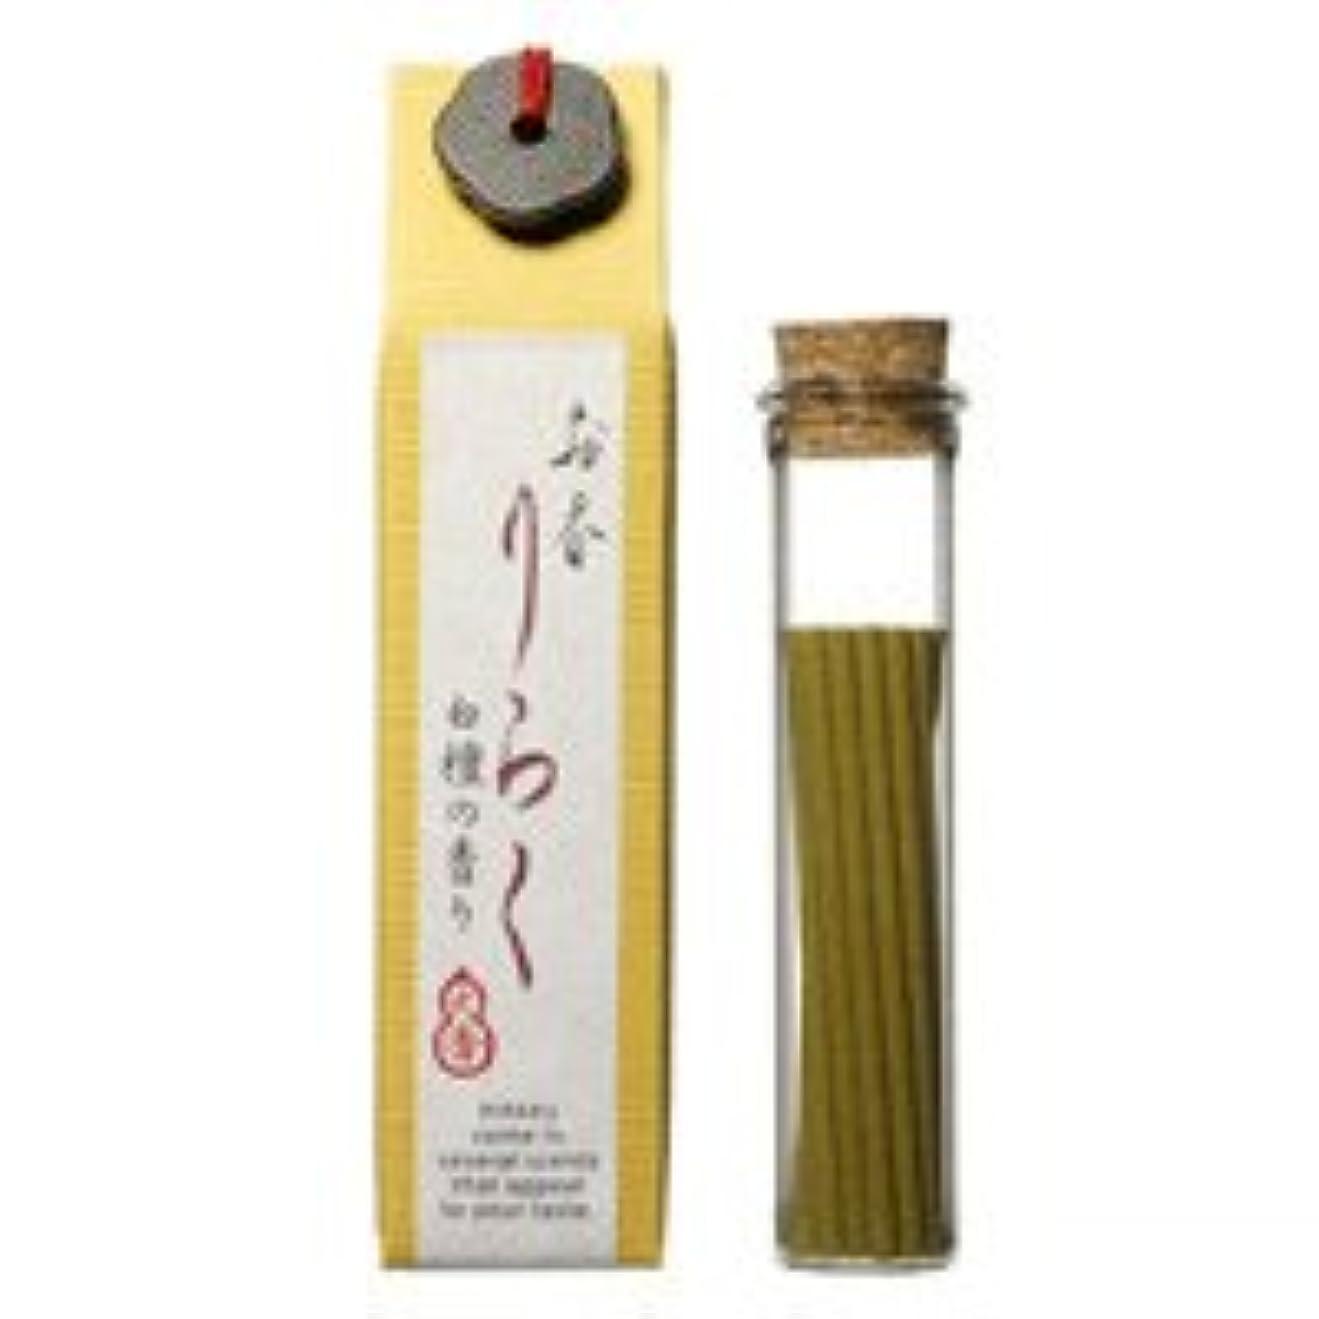 ニュース顕現形状【大香】お香 りらく 白檀 15本入